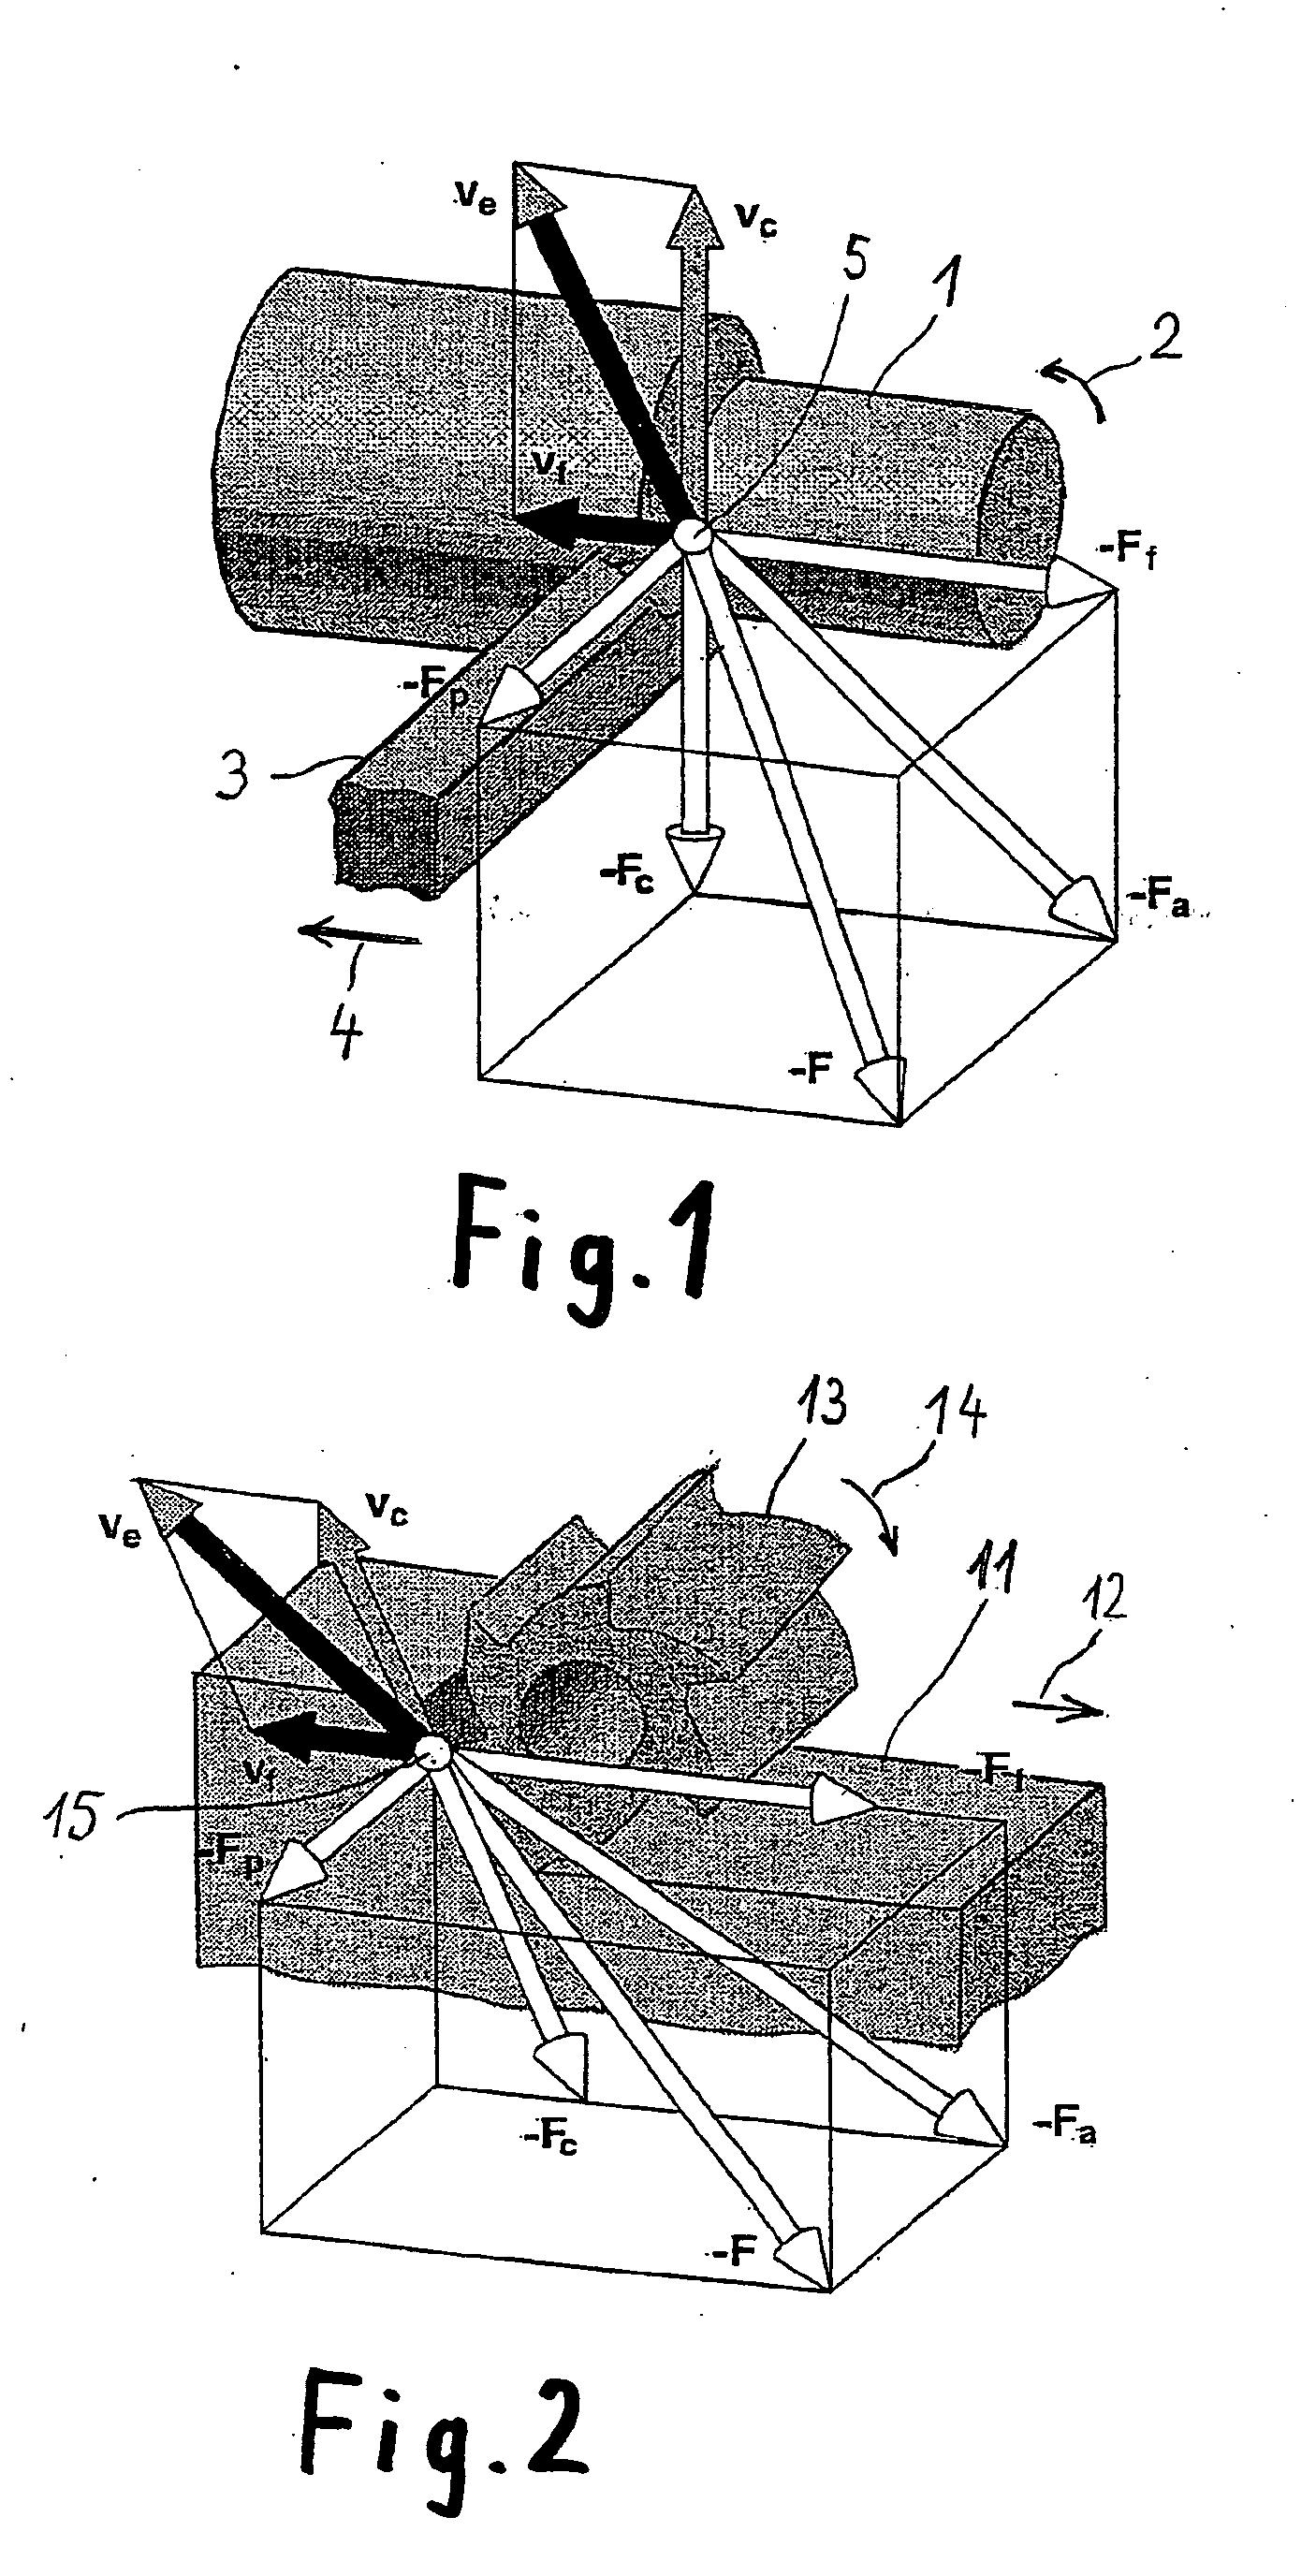 patent ep1984142b1  vorrichtung zur regelung der  ~ Wasserhahn Quietscht Beim Drehen